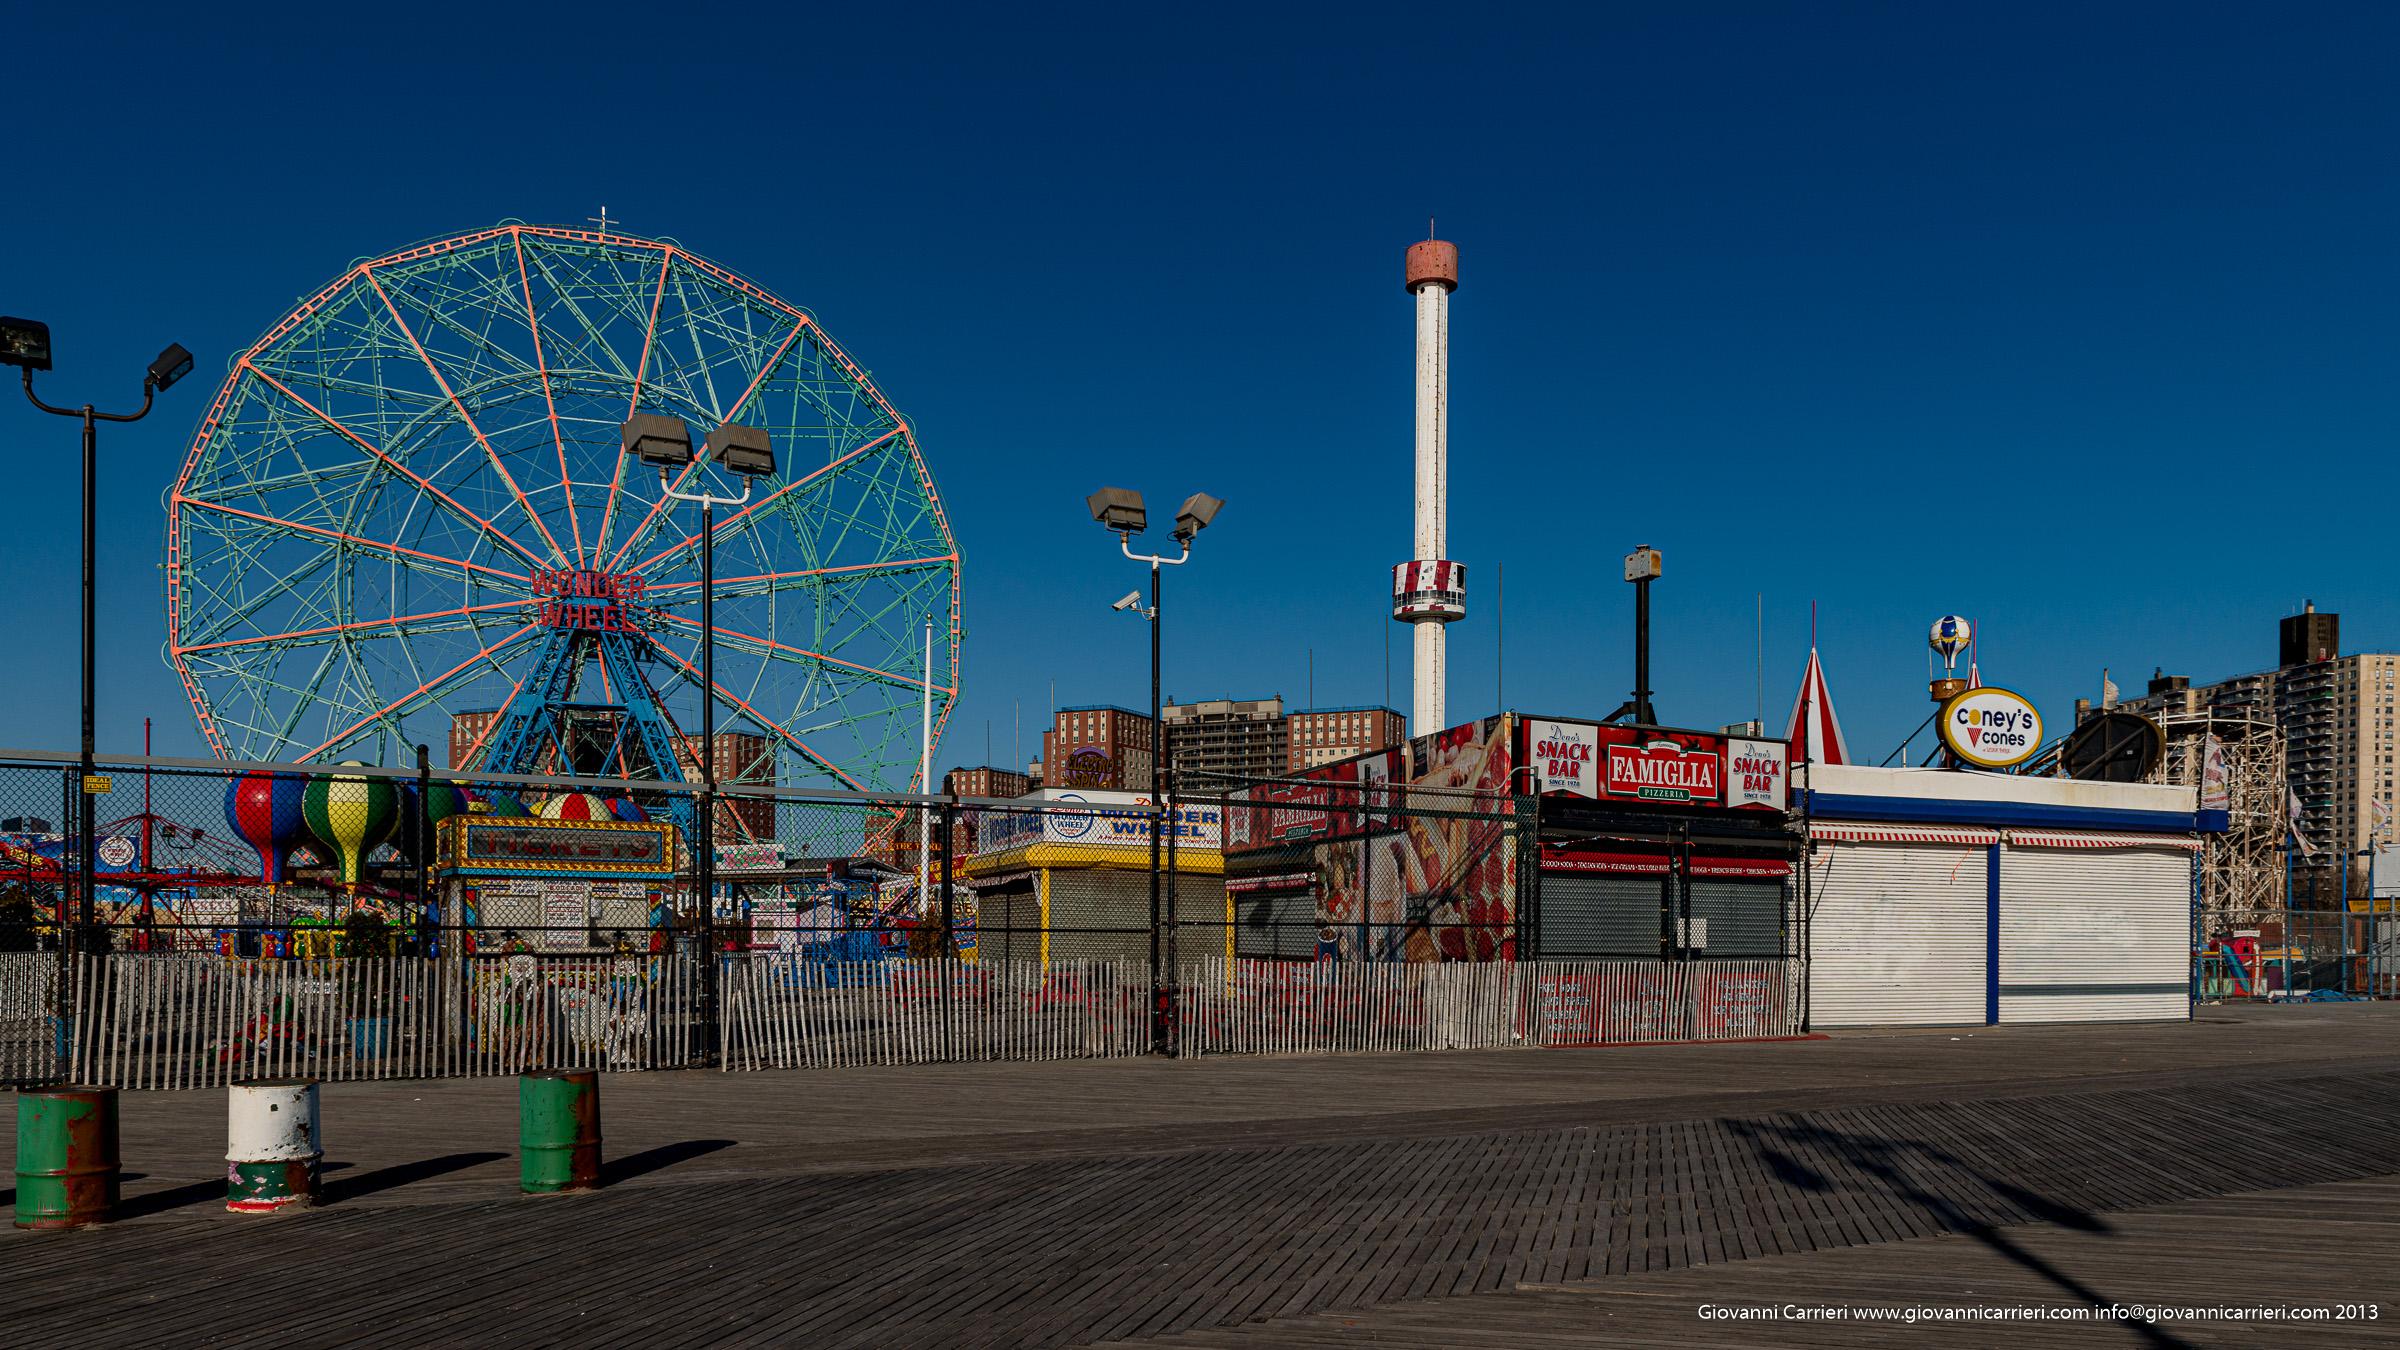 il parco di Coney Island